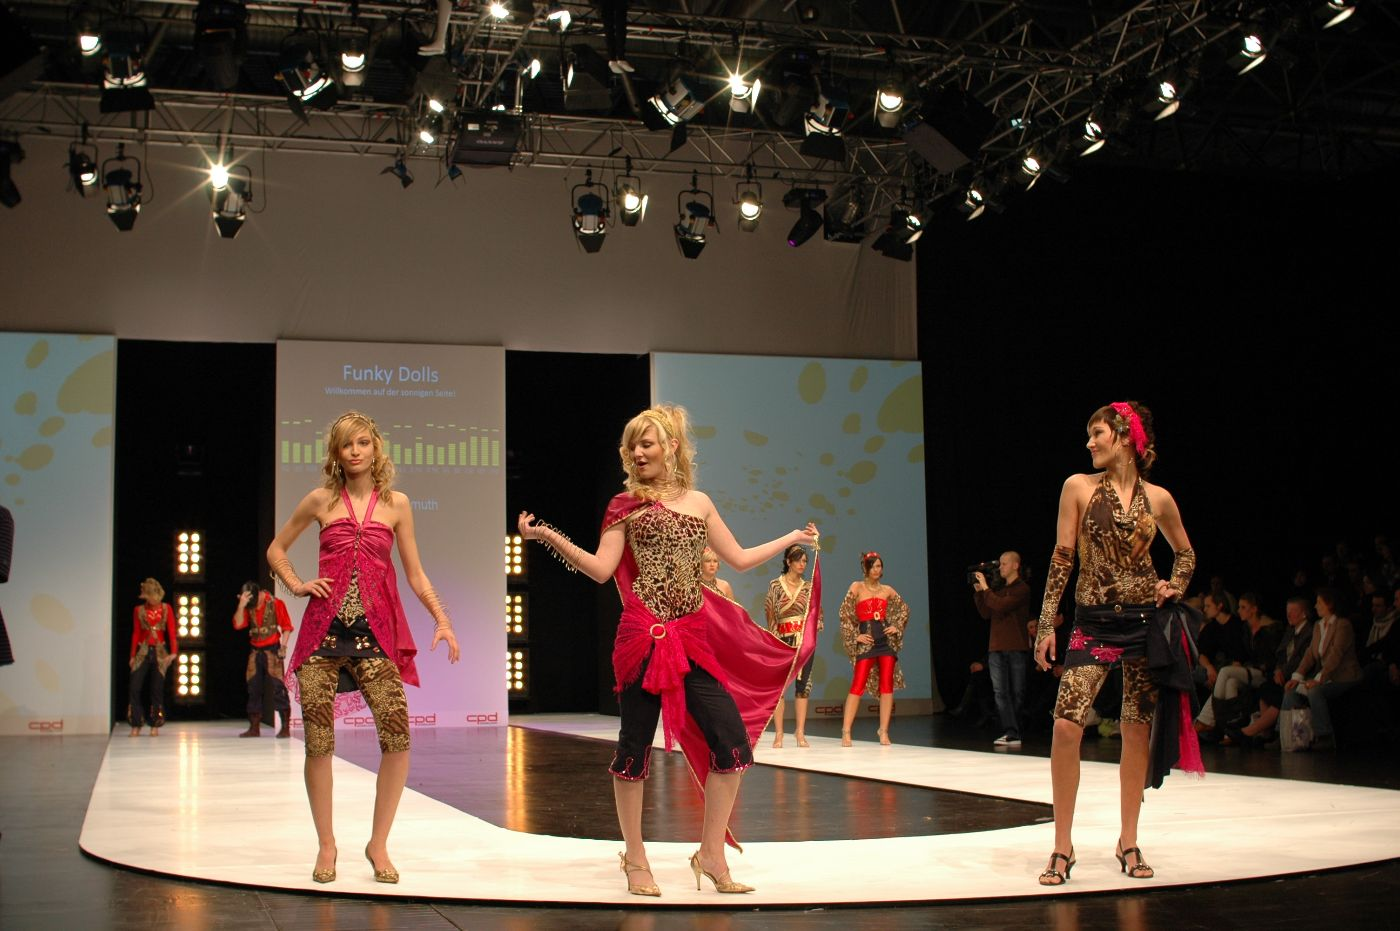 Mode der schule f r mode und design auf modemessen for Mode und bekleidung schule frankfurt